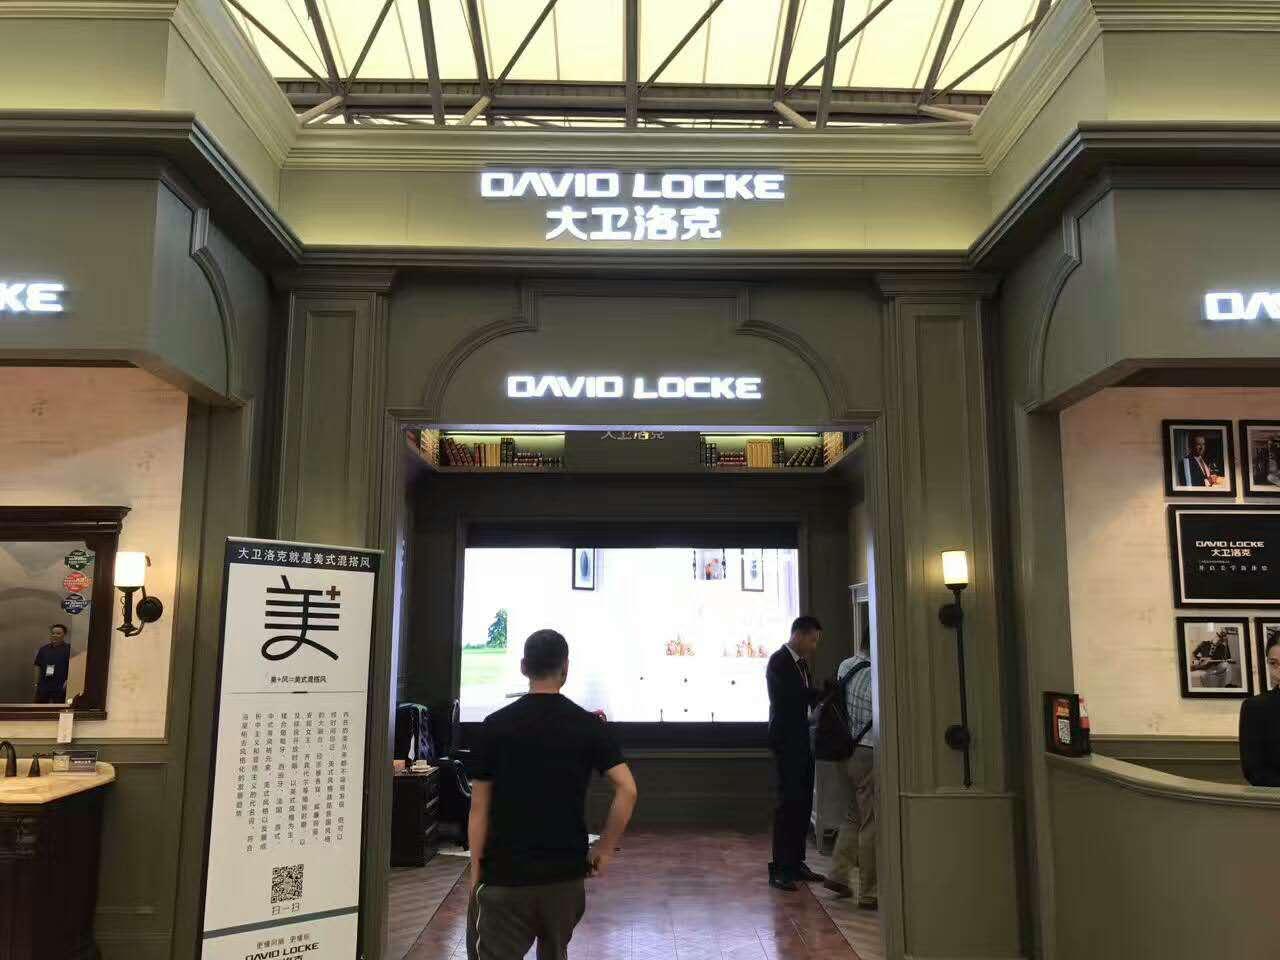 大卫洛克四大美式浴室柜亮相上海厨卫展